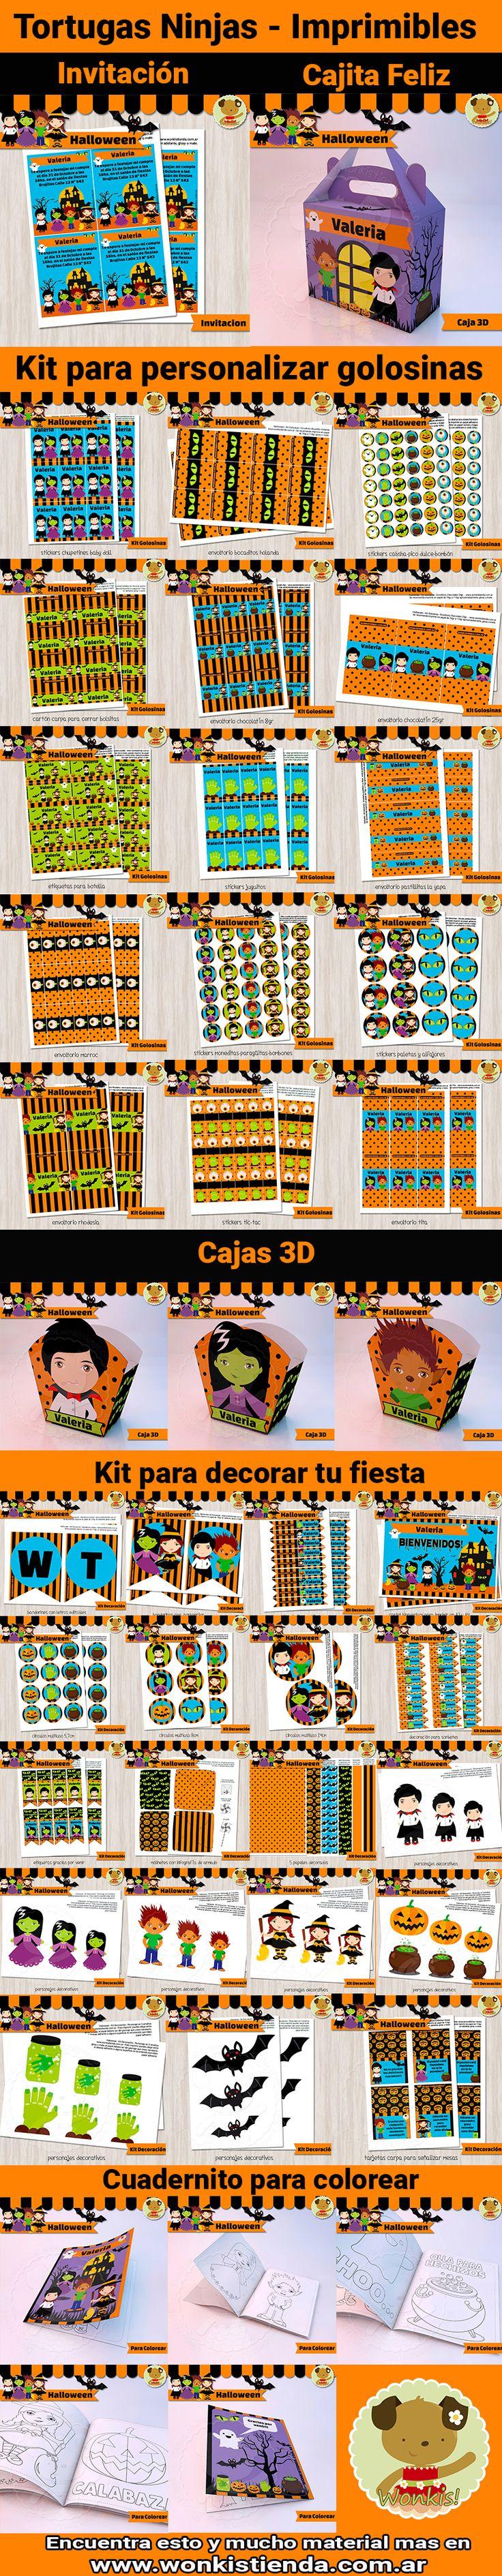 Las más tiernas y tenebrosas decoraciones para #Halloween que podrás usar en una fiesta de cumpleaños o de disfraces. Comienza a organizar la fiesta de tus sueños en la comodidad de tu casa o donde quiera que estés ● Te invito a conocer nuestros imprimibles: http://www.wonkistienda.com.ar/kits-imprimibles/halloween #imprimibles #kitsimprimibles #vampiro #dracula #bruja #hombrelobo #diseño #infantil #cumpleaños #fiesta